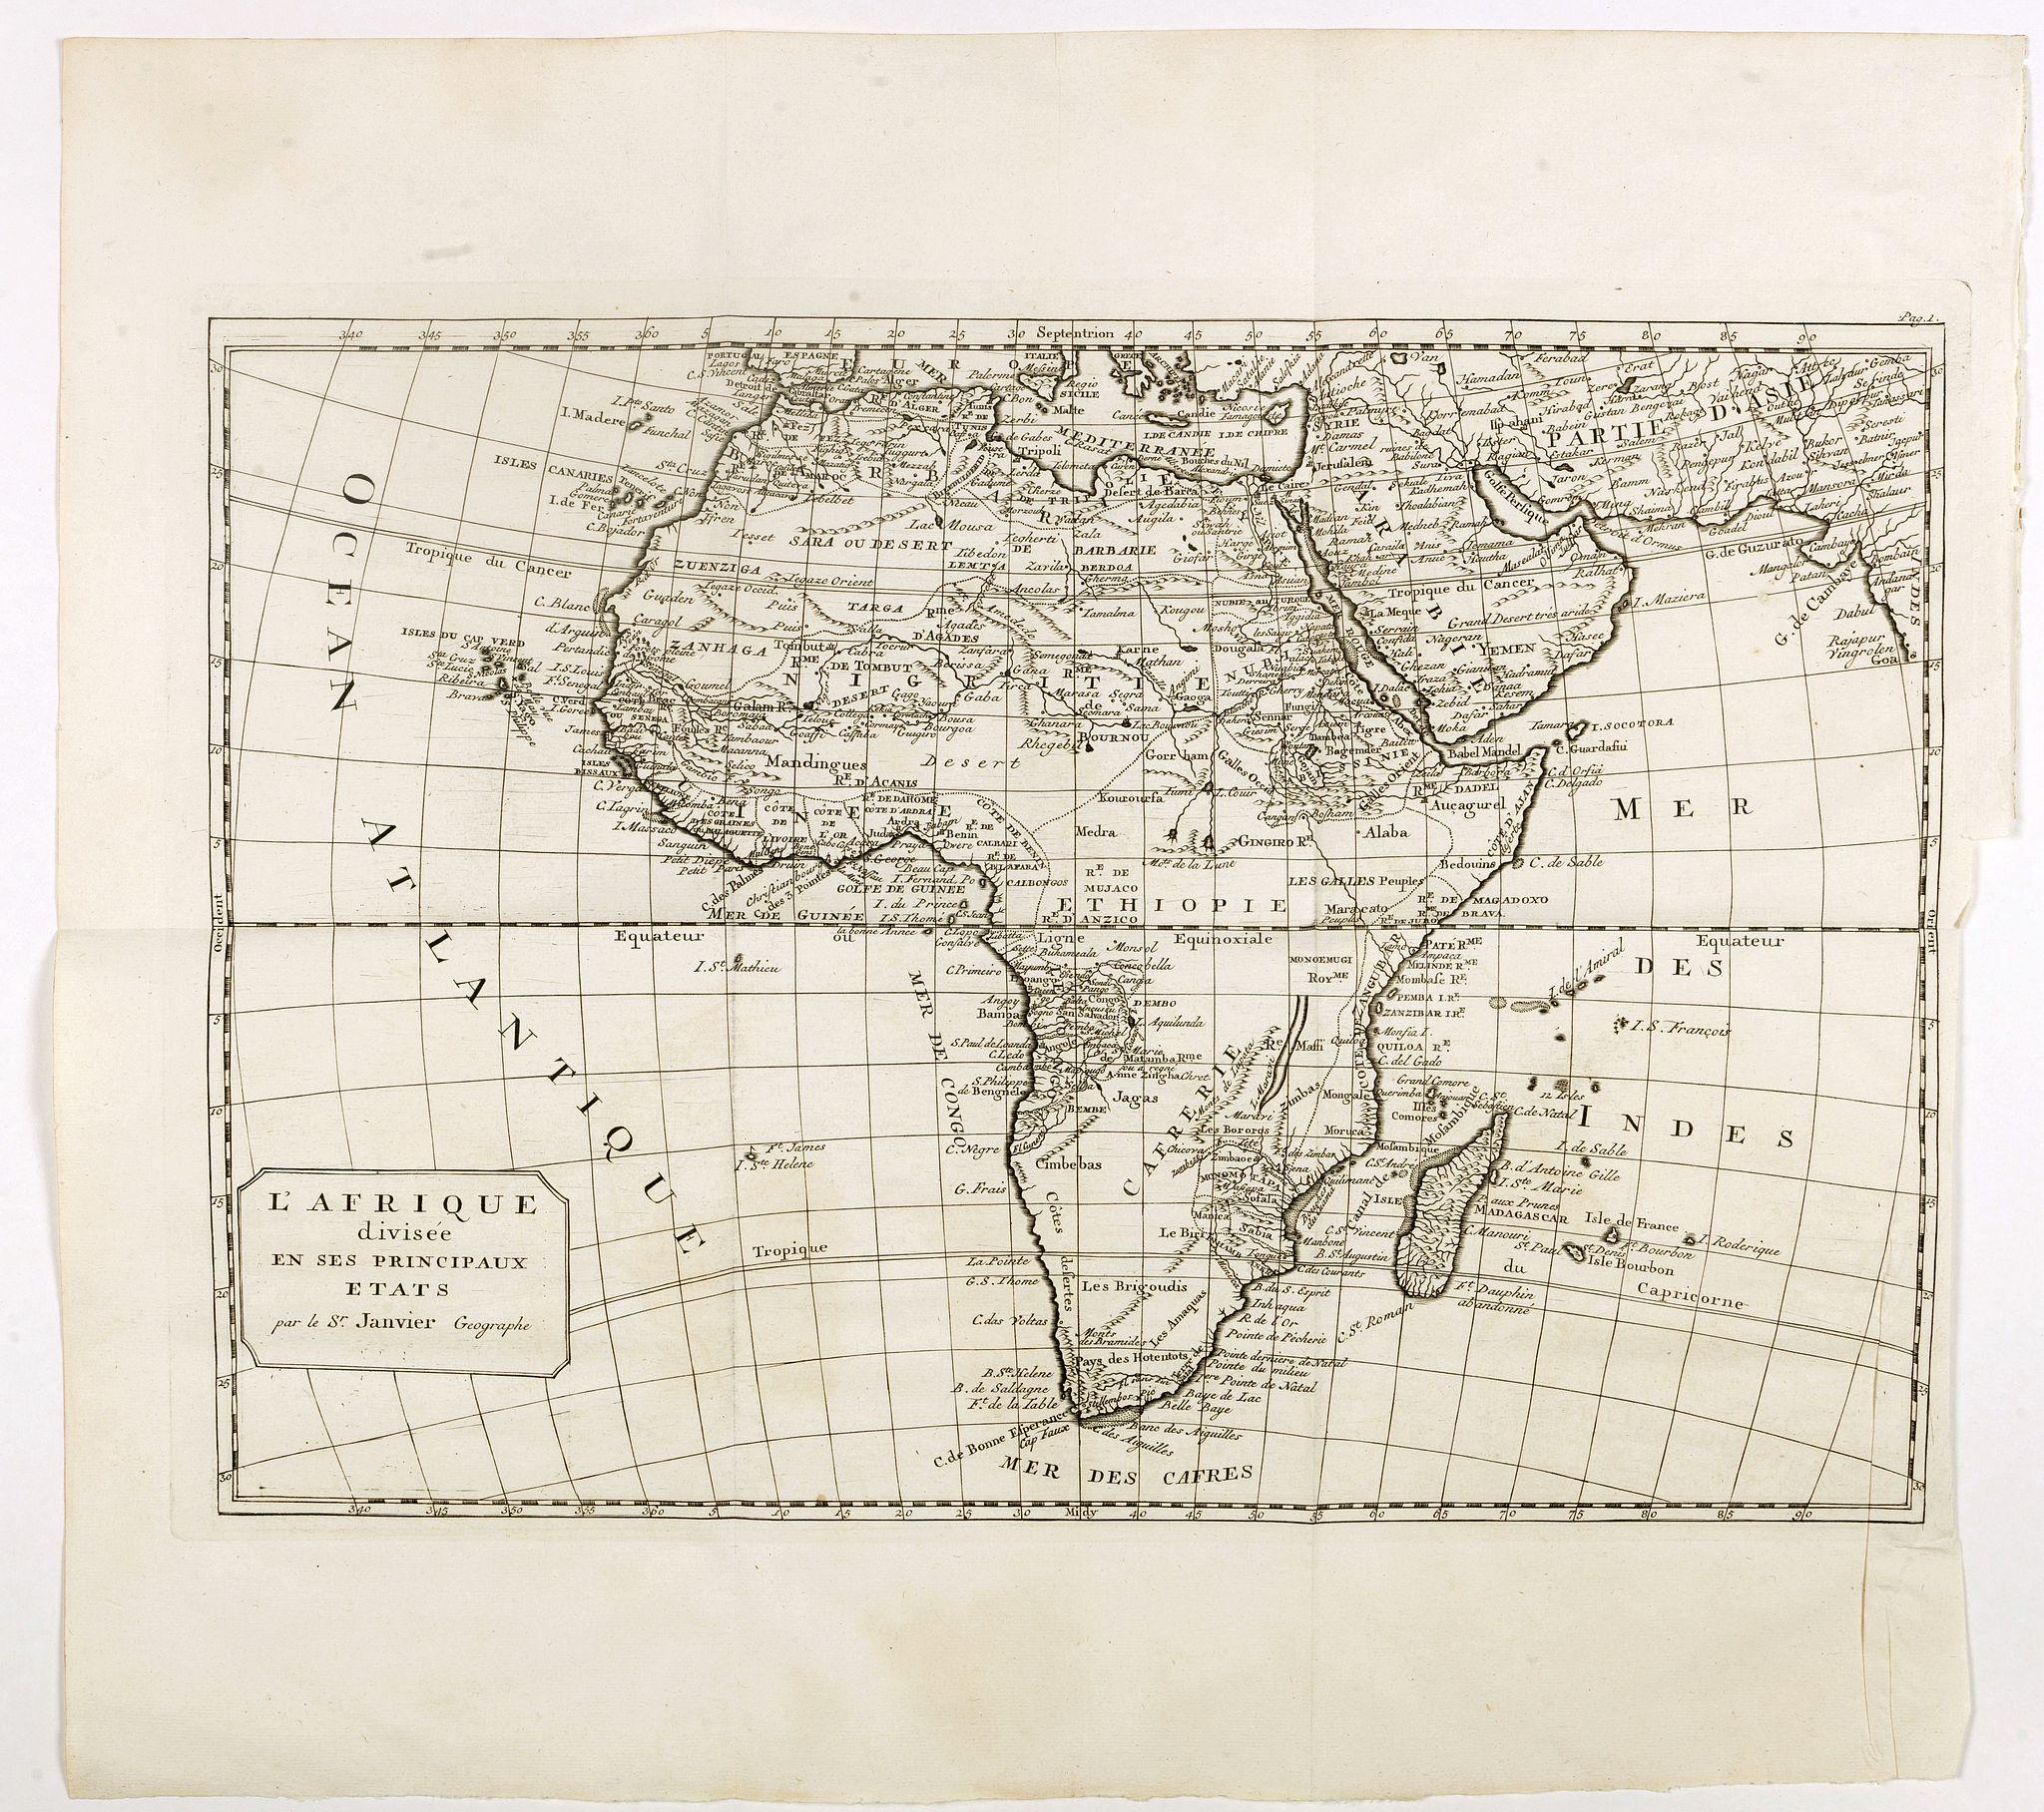 BELLIN, J.N. / ARKSTEE / MERKUS -  L'Afrique divisée en ses principaux etats par le  Sr. Janvier Geographe.